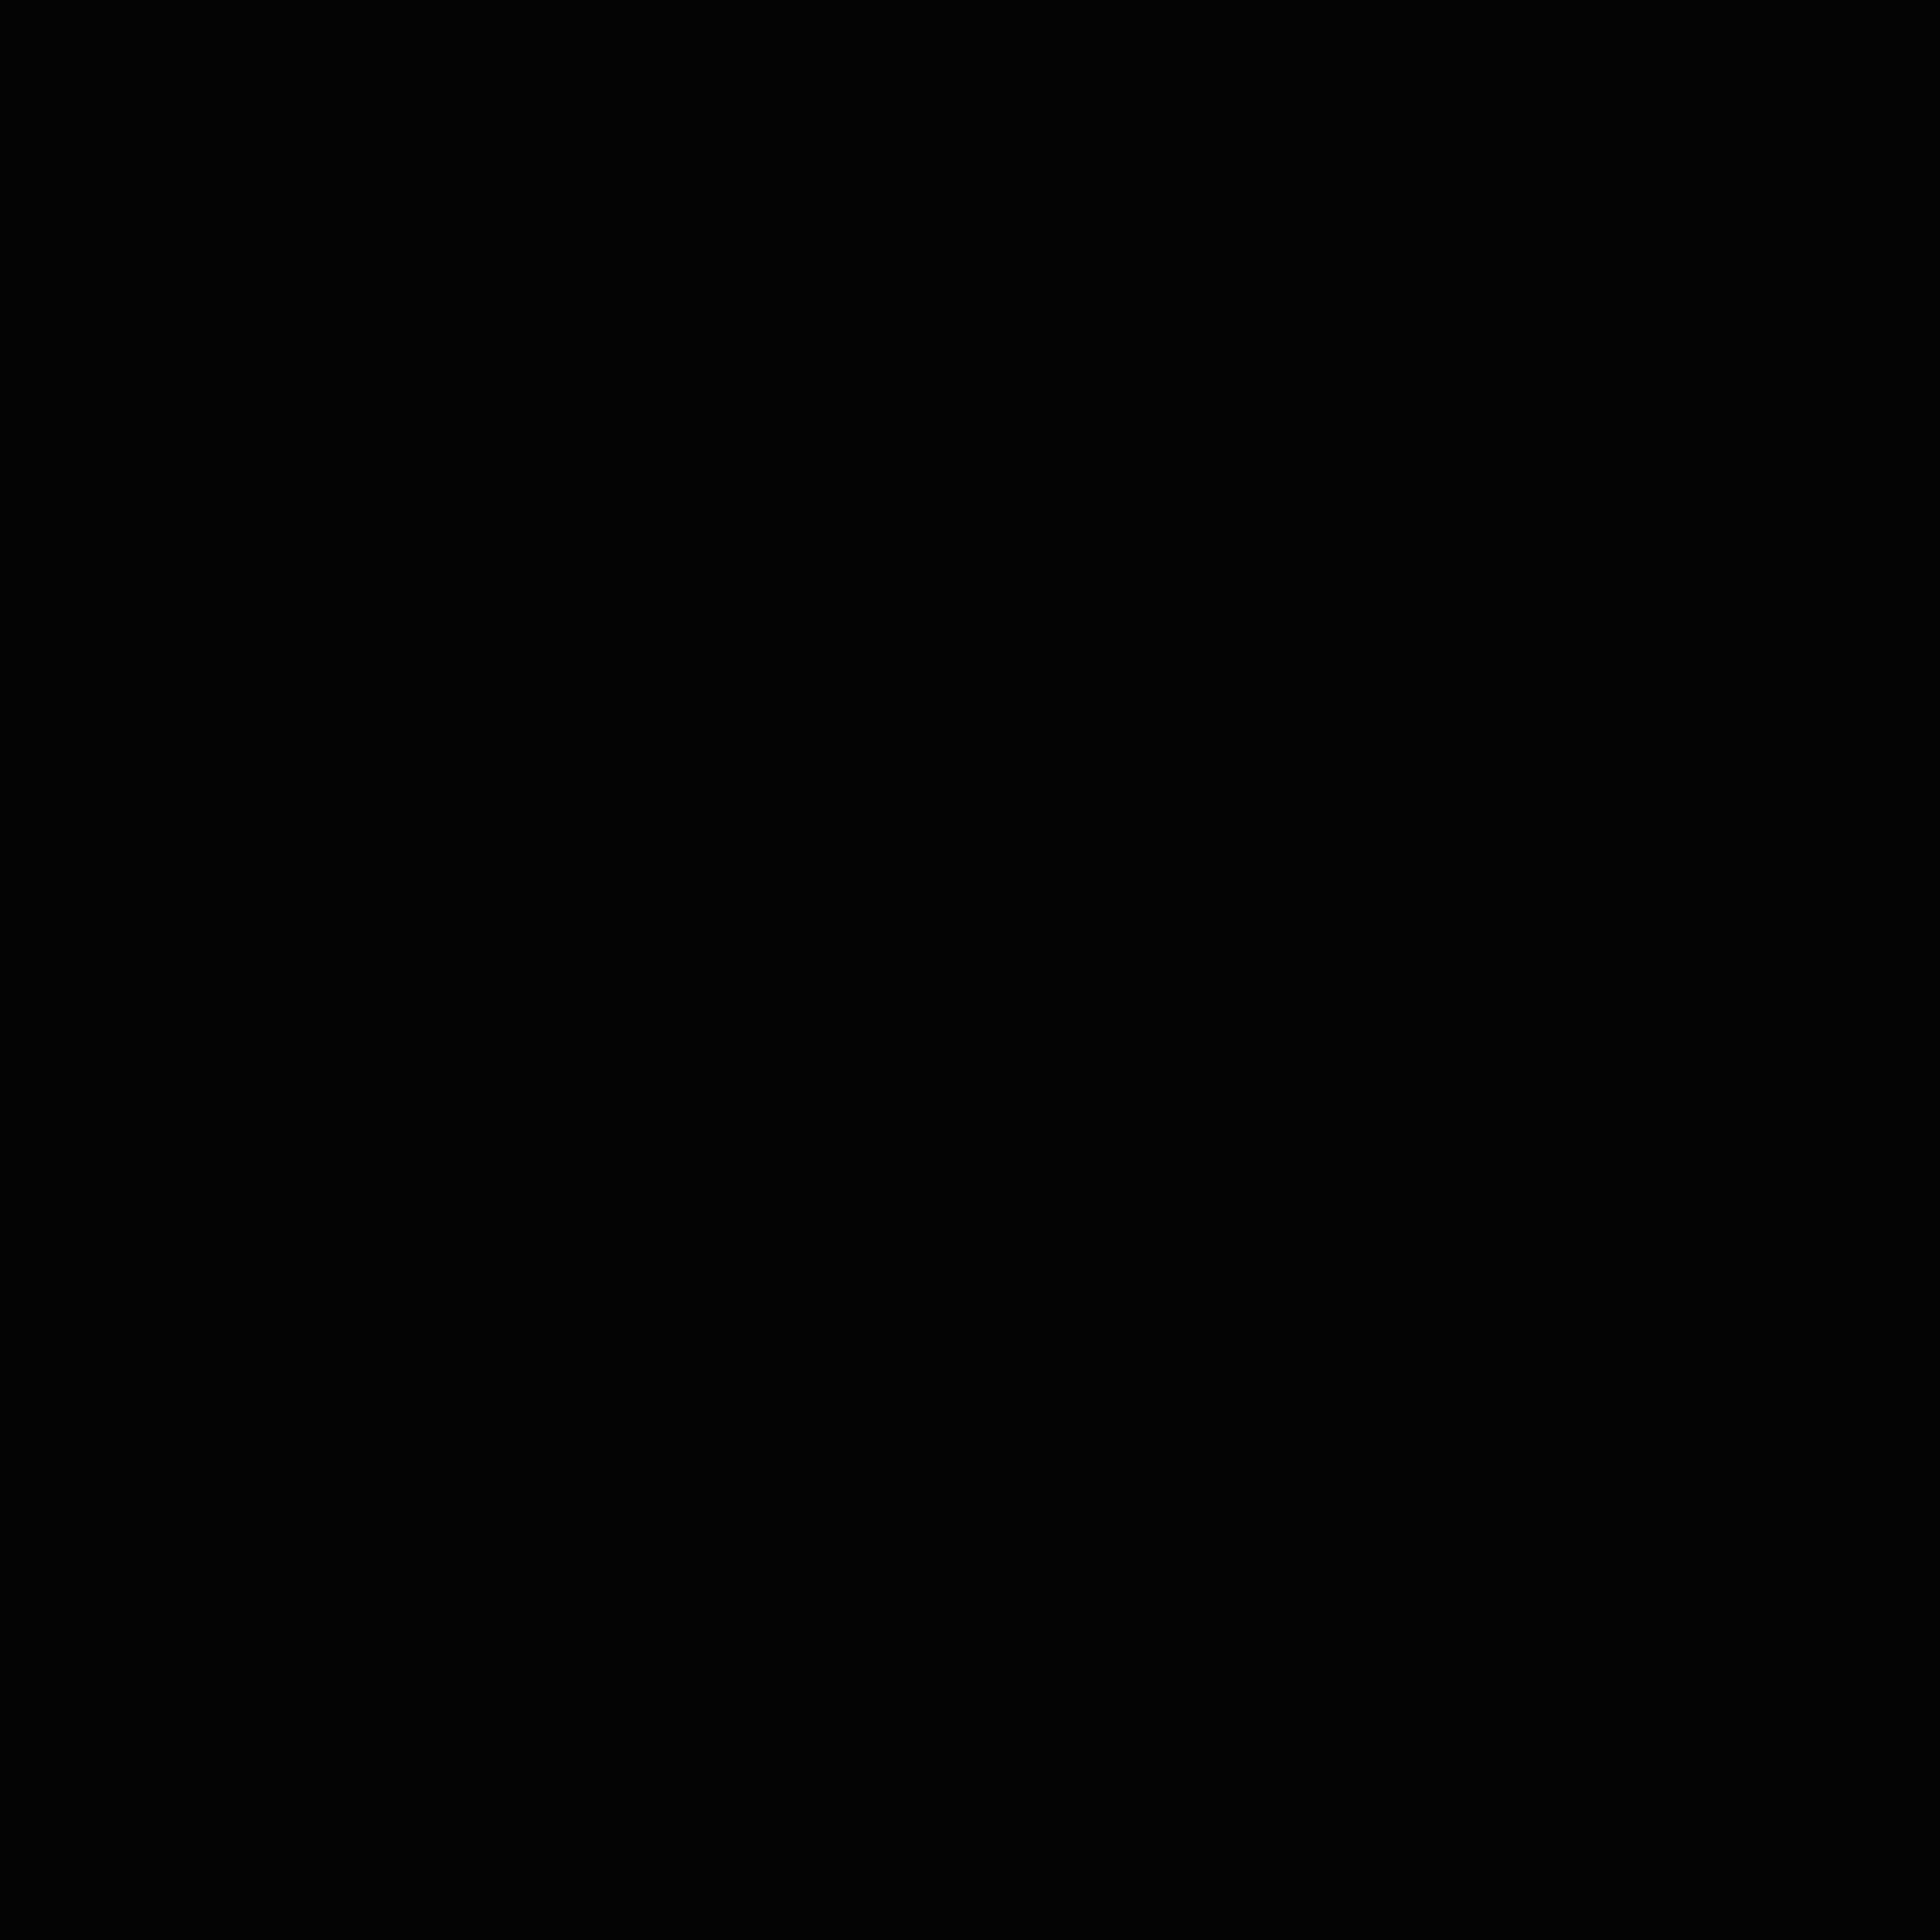 Zwarte wandtegels - Patchwork Black & White - Black